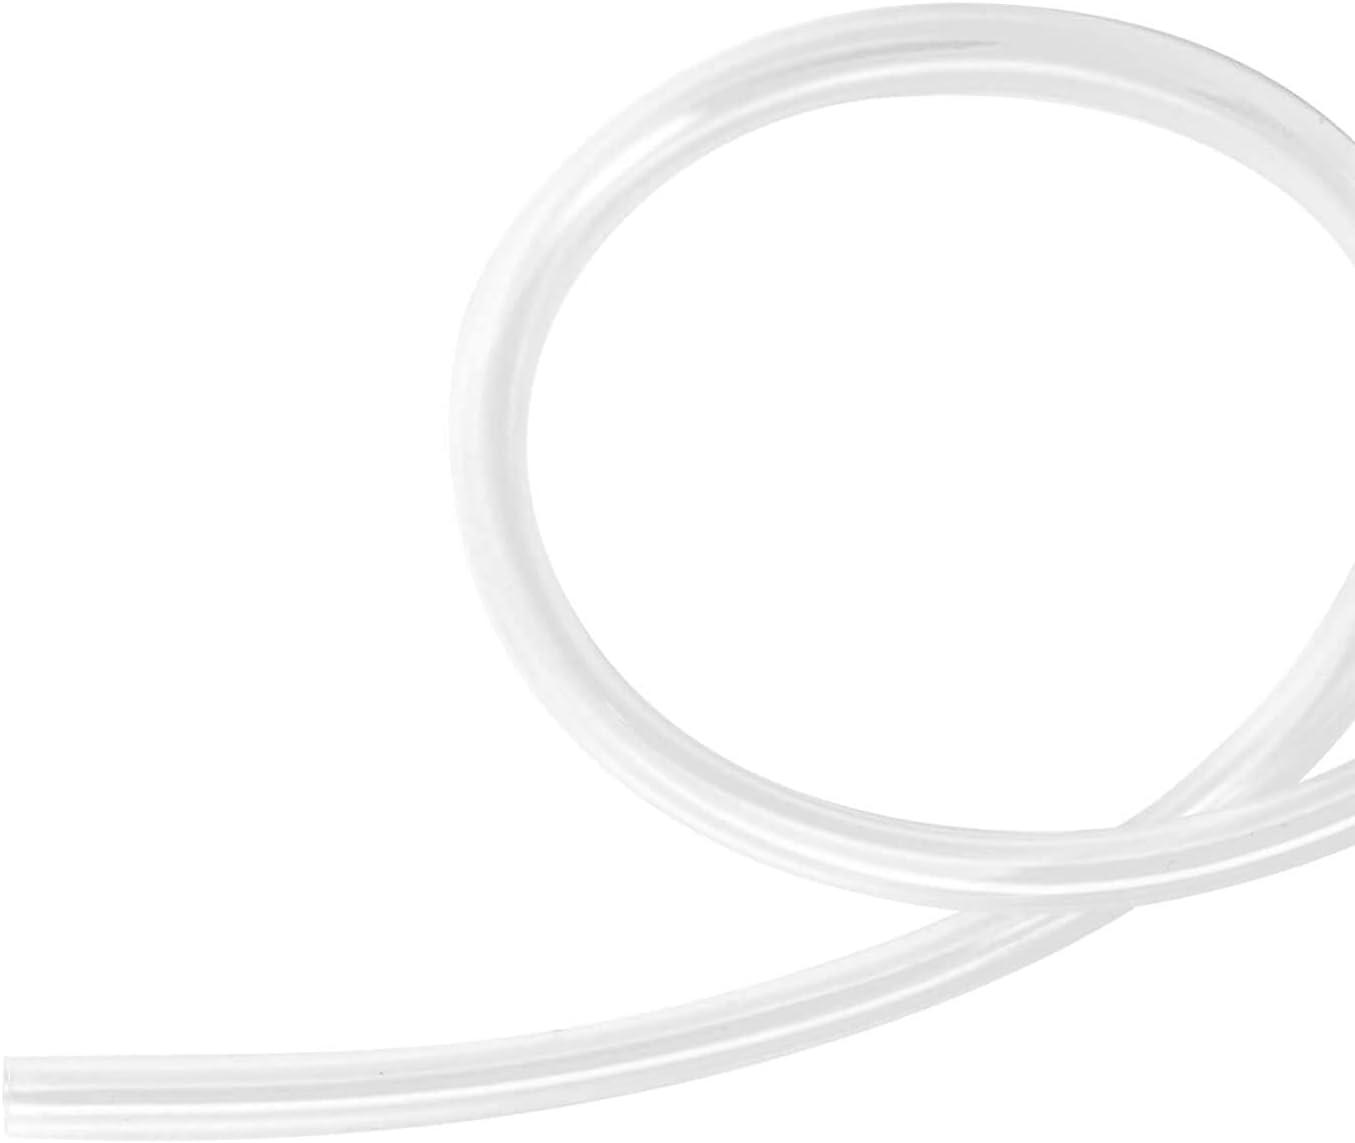 Food Grade Silicon Tubing Hose - 1/4